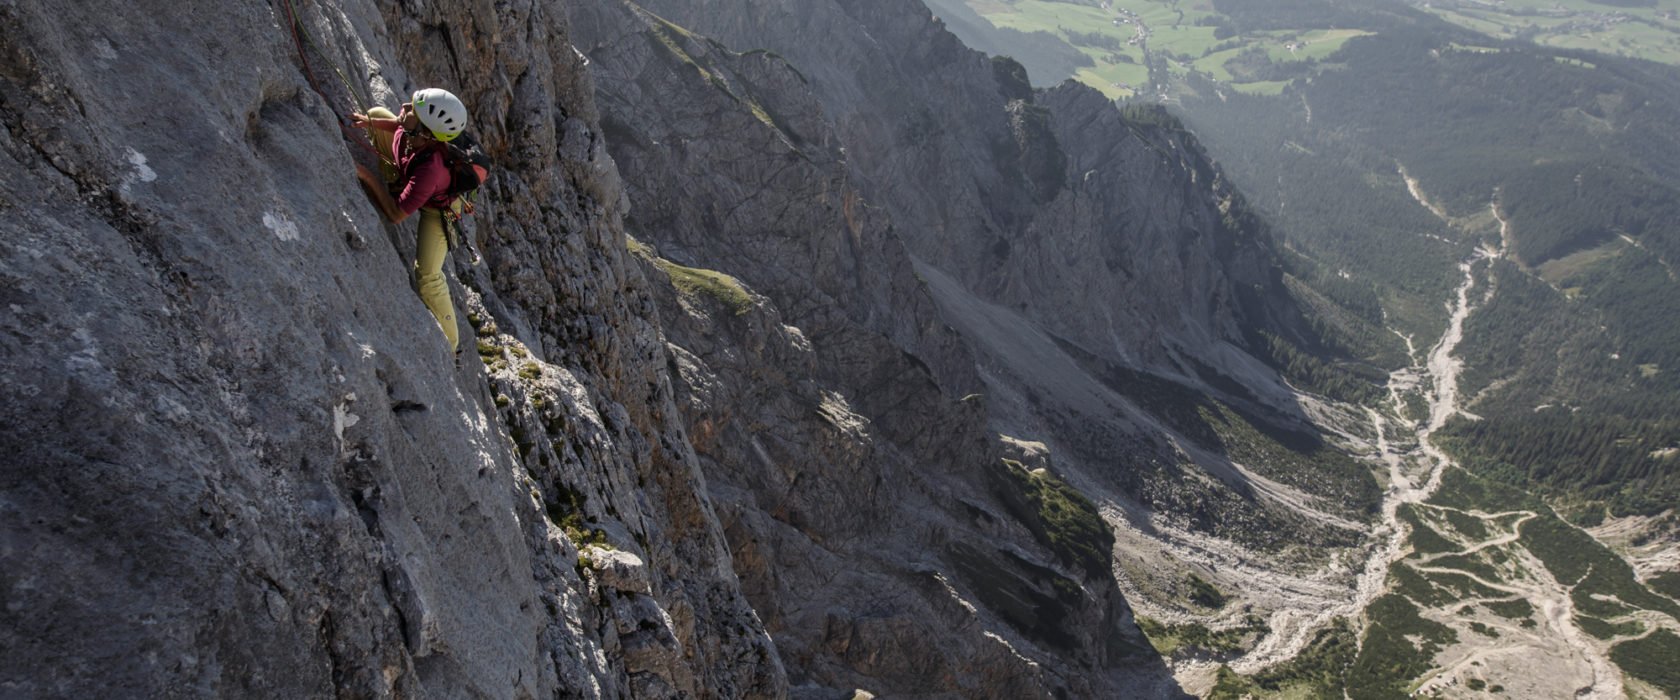 Saalfelden Sommerstein Klettern